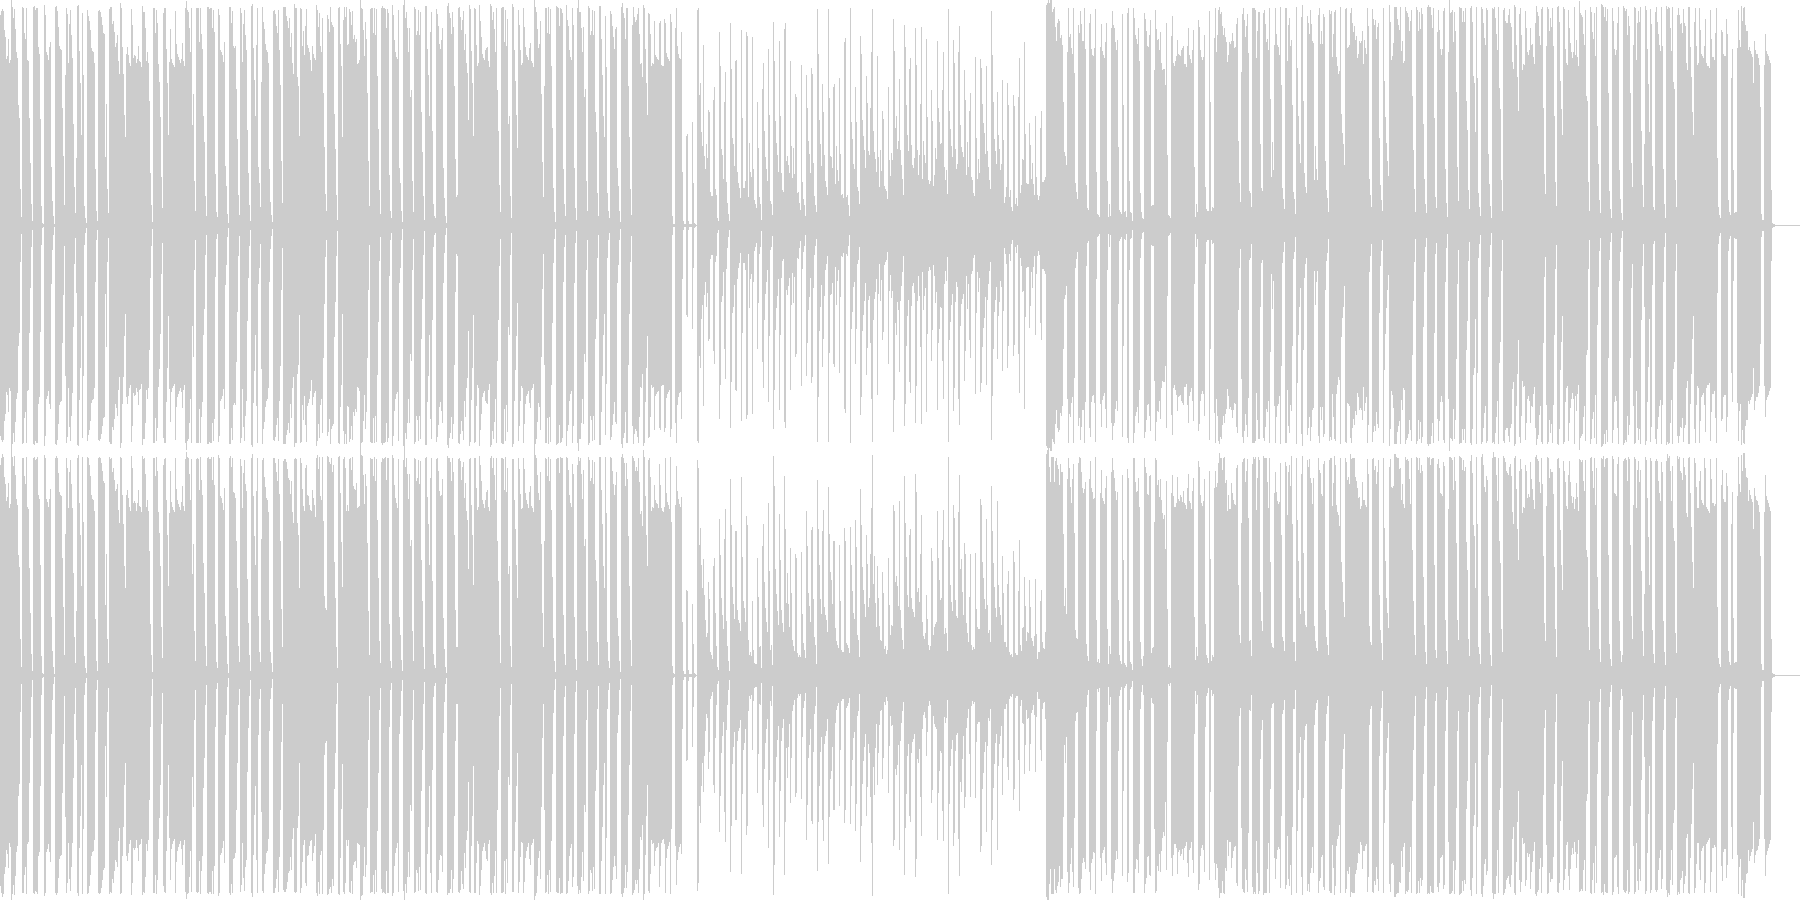 コミカルで楽しげなBGMの未再生の波形